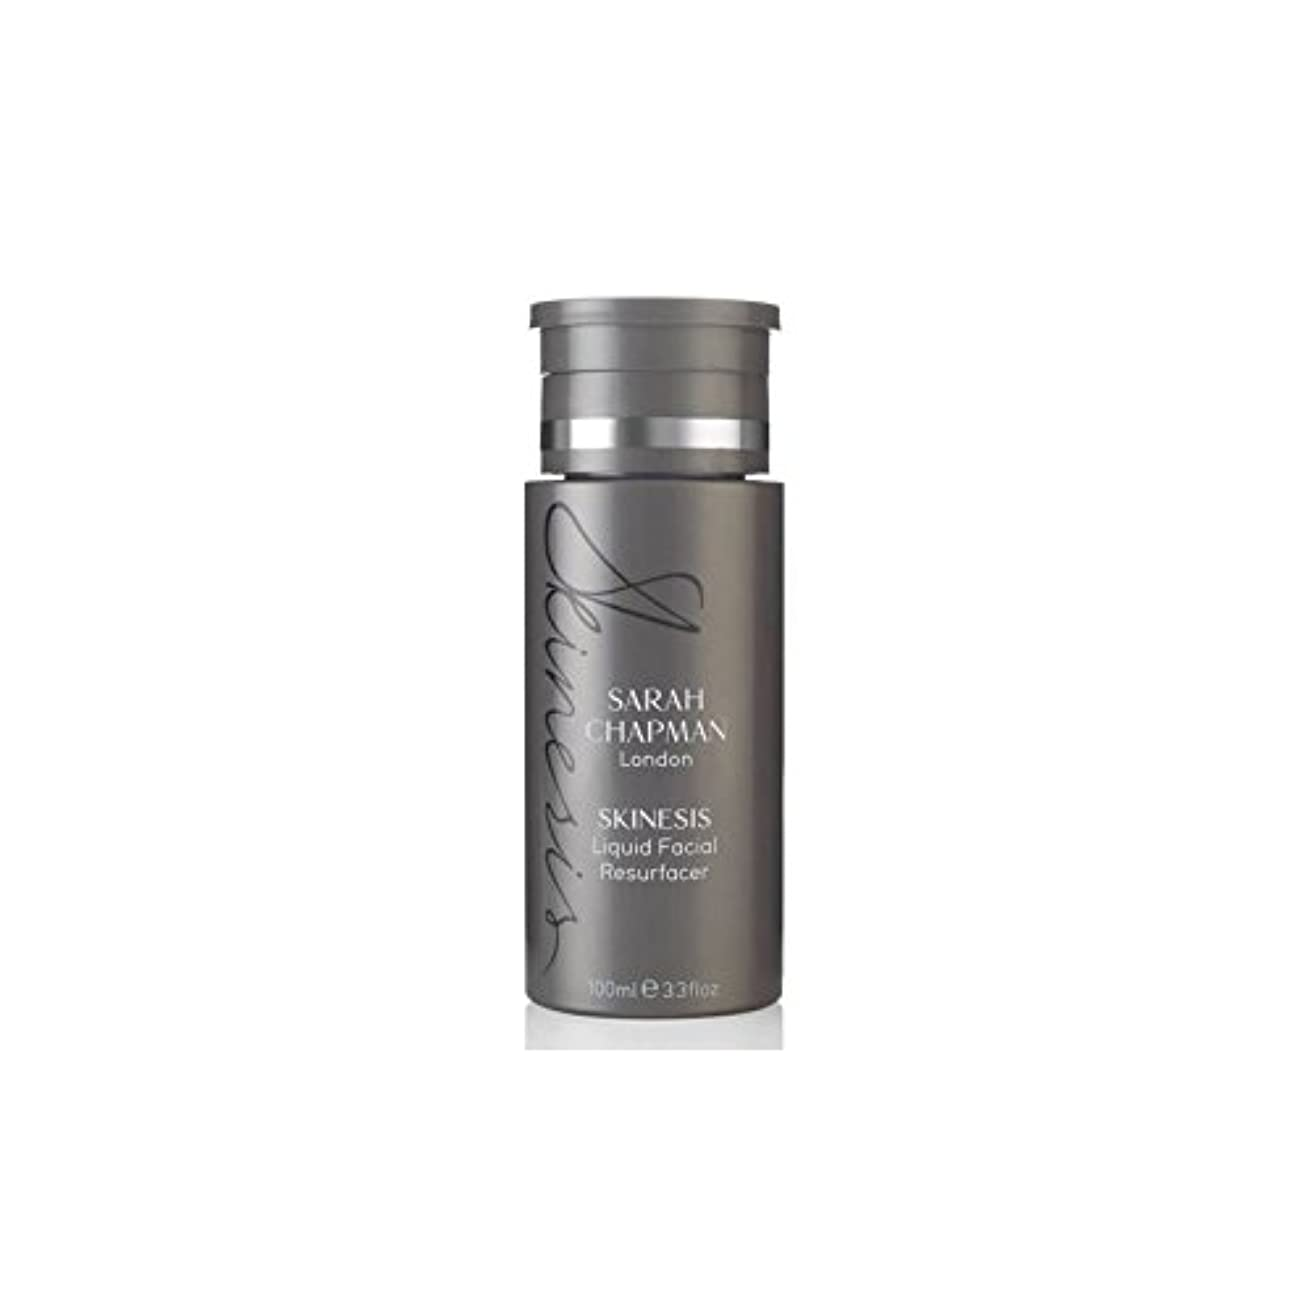 箱飛躍故障Sarah Chapman Skinesis Liquid Facial Resurfacer (100ml) (Pack of 6) - サラチャップマン液体顔(100)に x6 [並行輸入品]